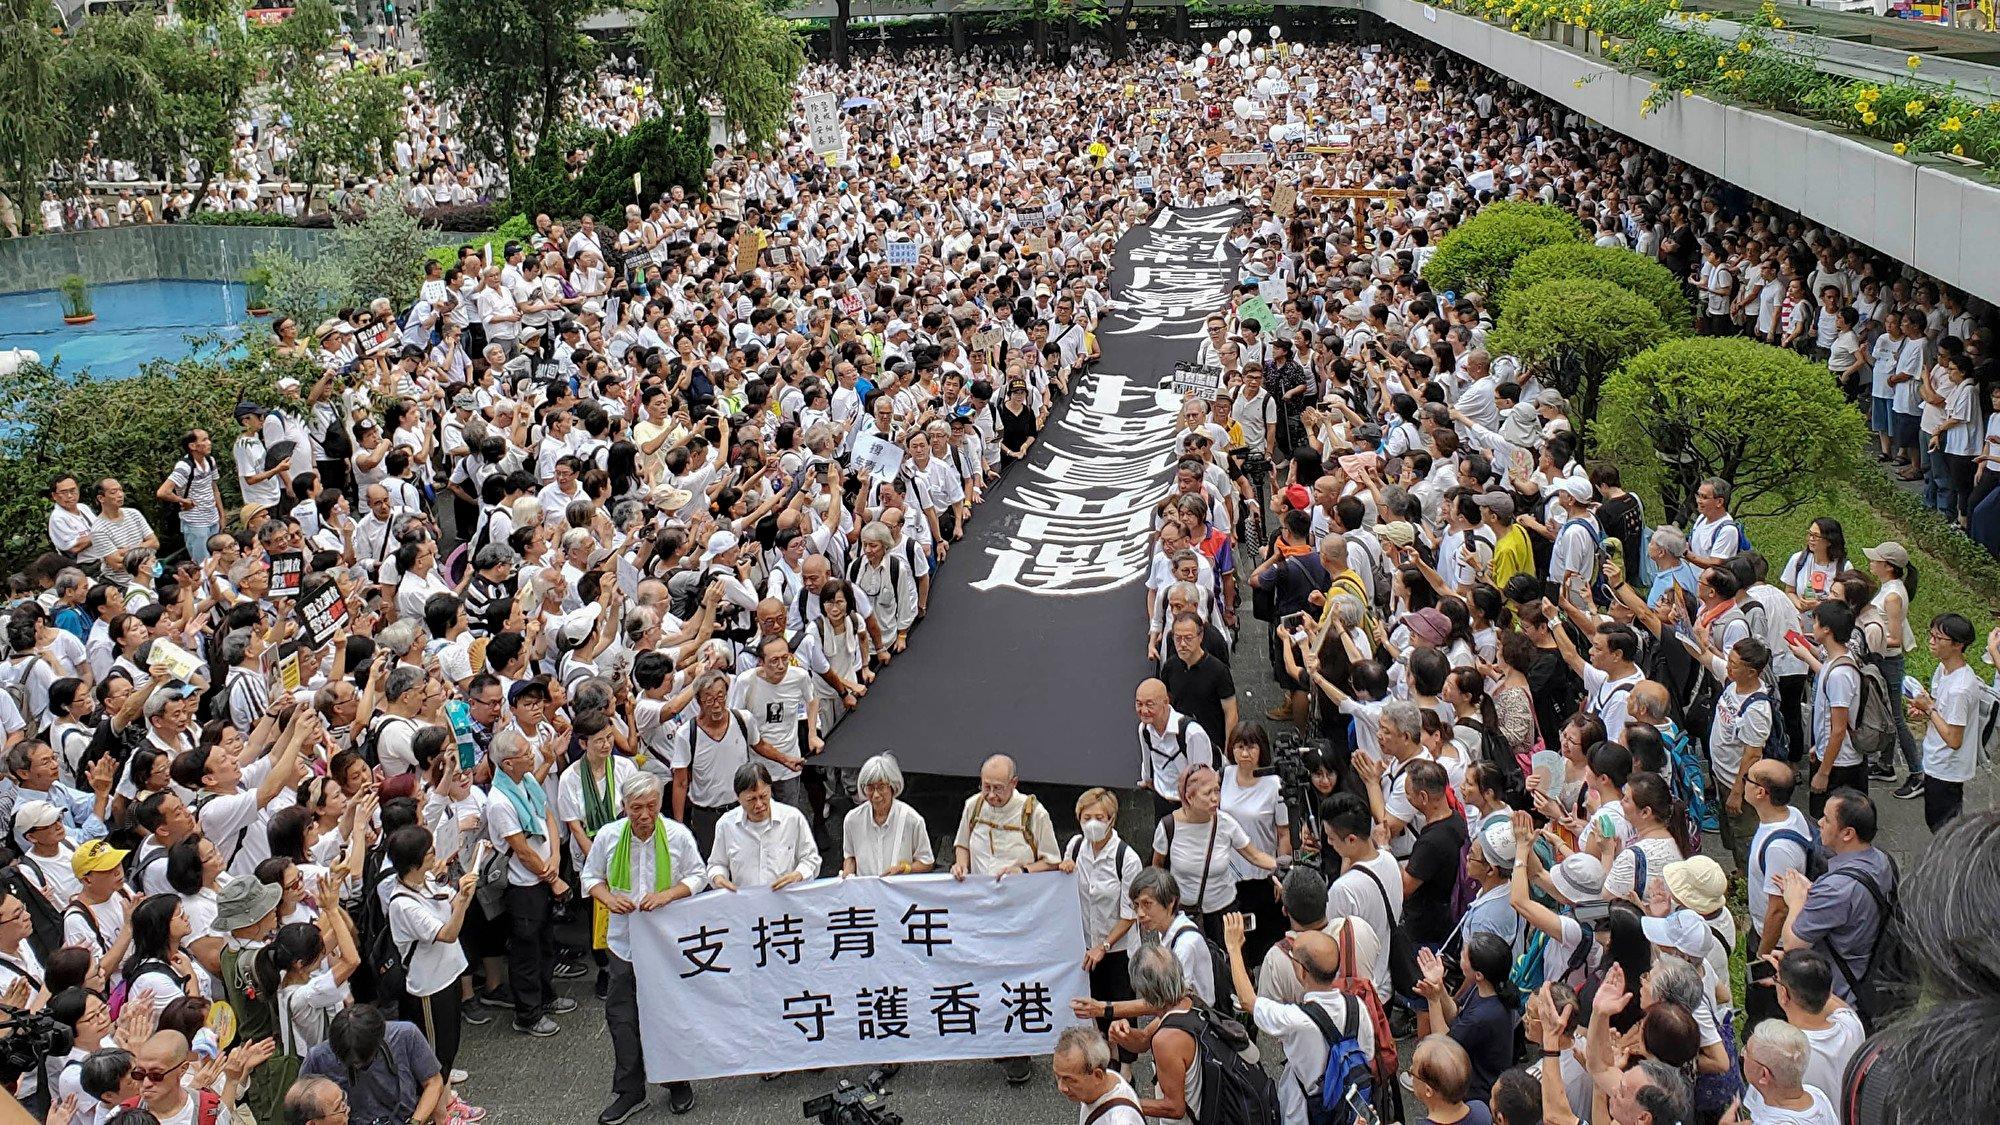 7月以來香港反送中抗爭勢頭持續上升,抗議行動更加頻繁。圖為7月17日近九千名銀髮族上街聲援青年的抗爭,要求政府正面回應民間的五大訴求。(李逸/大紀元)